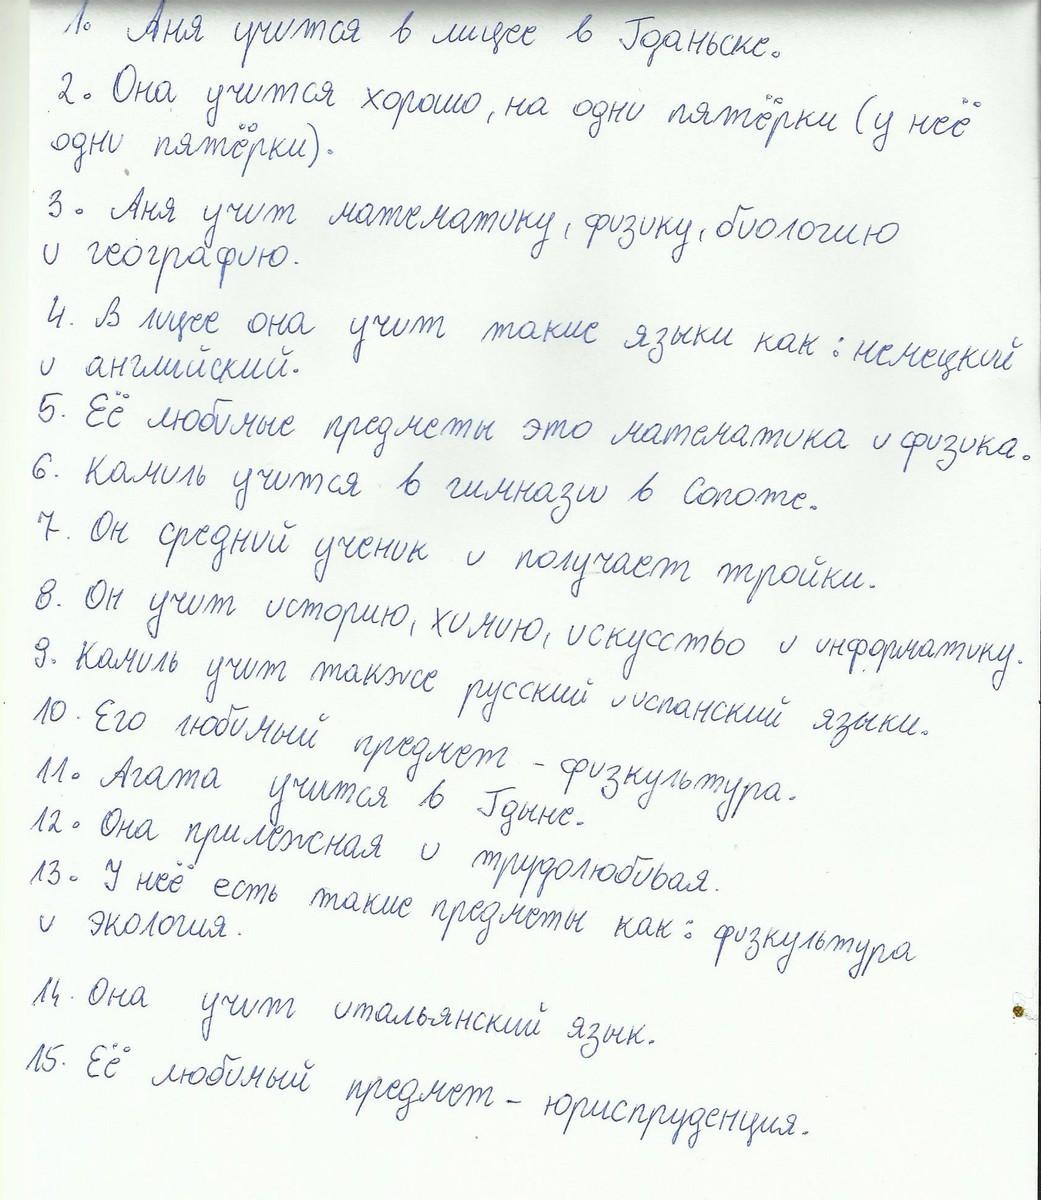 Wybitny proszę o przepisanie podanych zdań na język rosyjski ( litery PU45